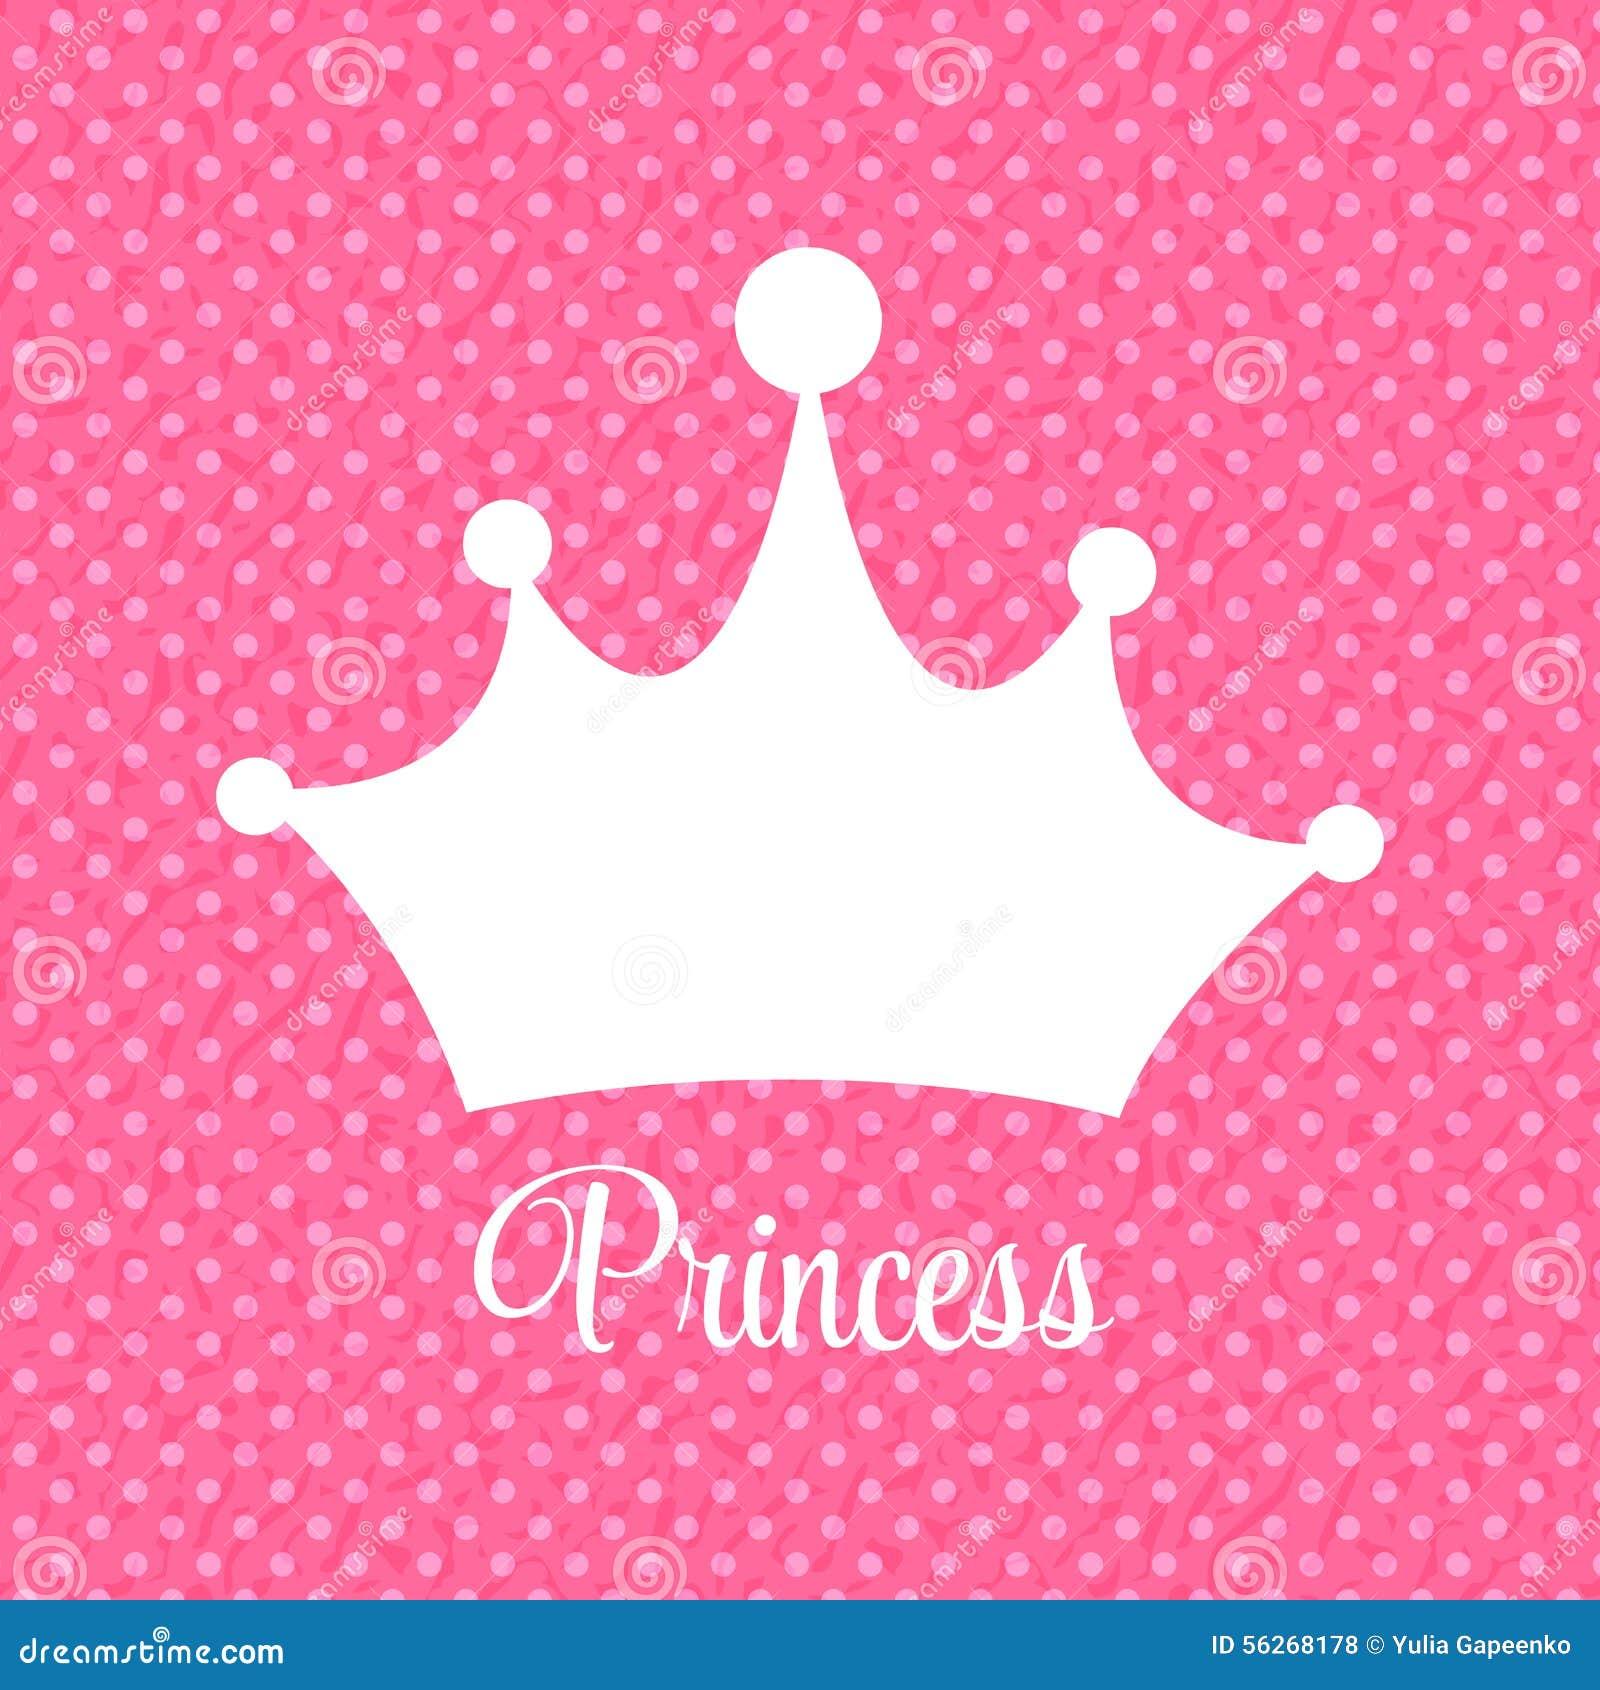 Iphone wallpaper emoji - Princesse Background Avec L Illustration De Vecteur De